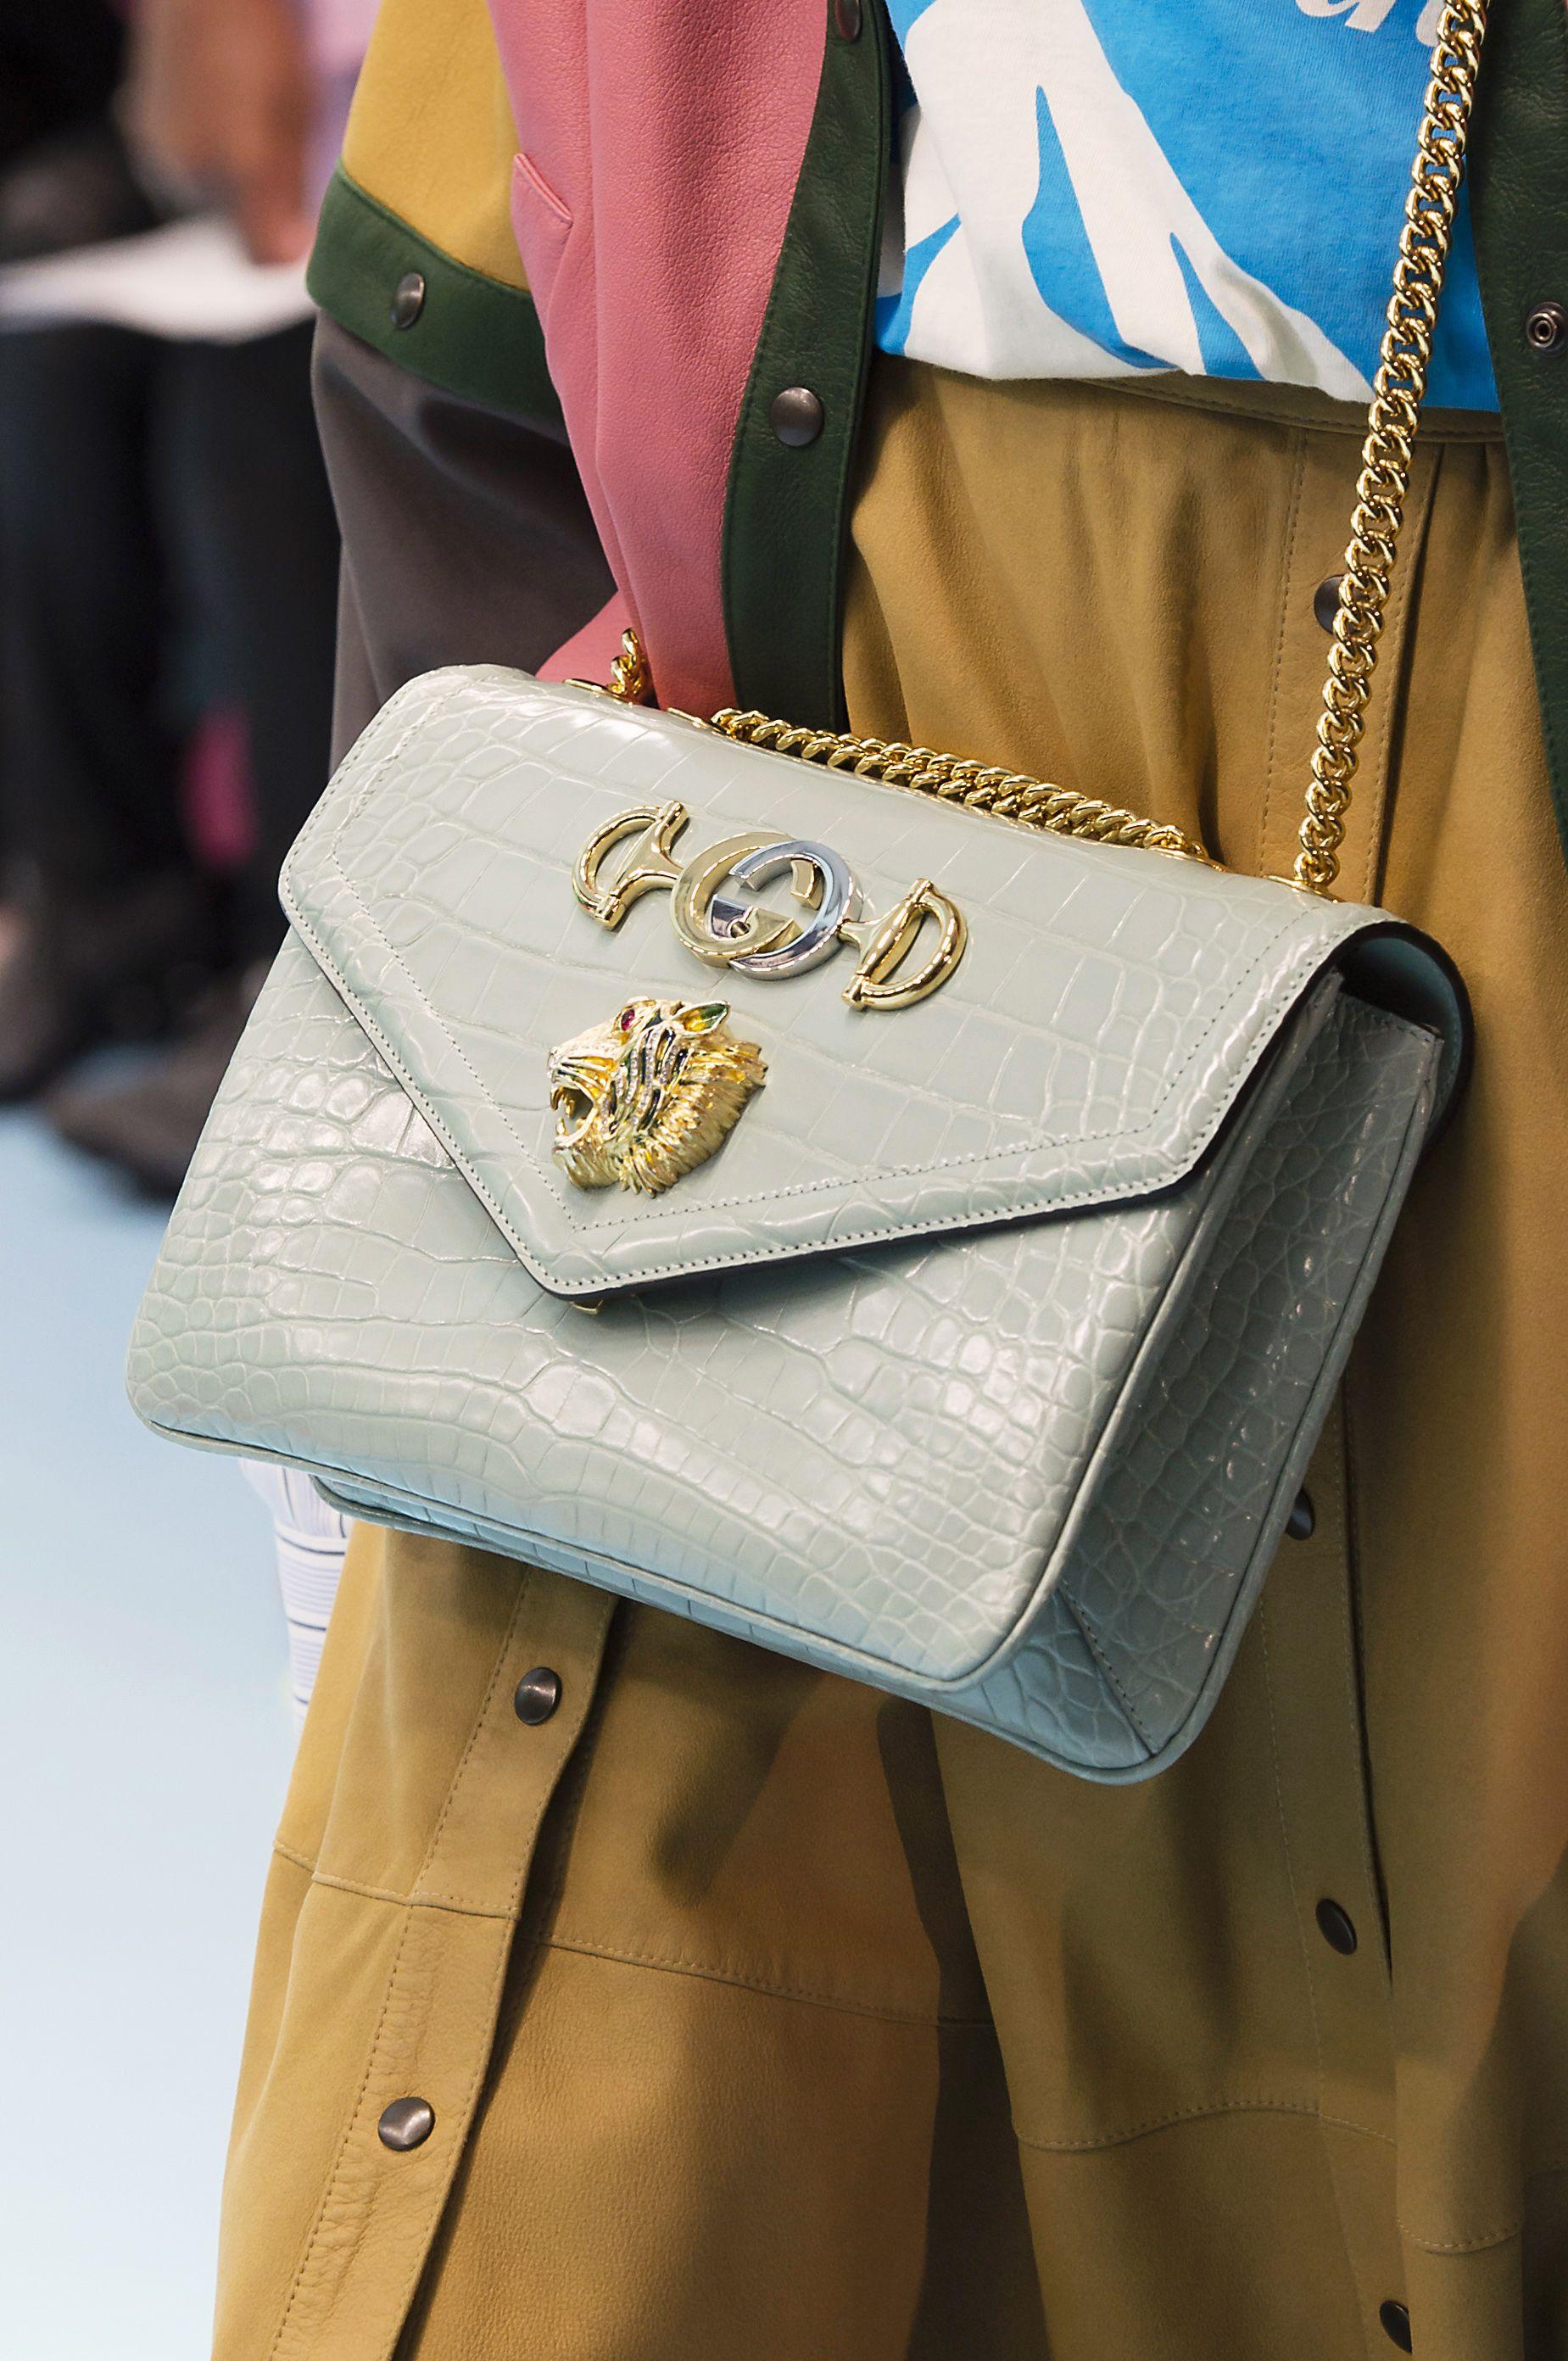 25 women best fashion handbags trends uk forecasting to wear in winter in 2019